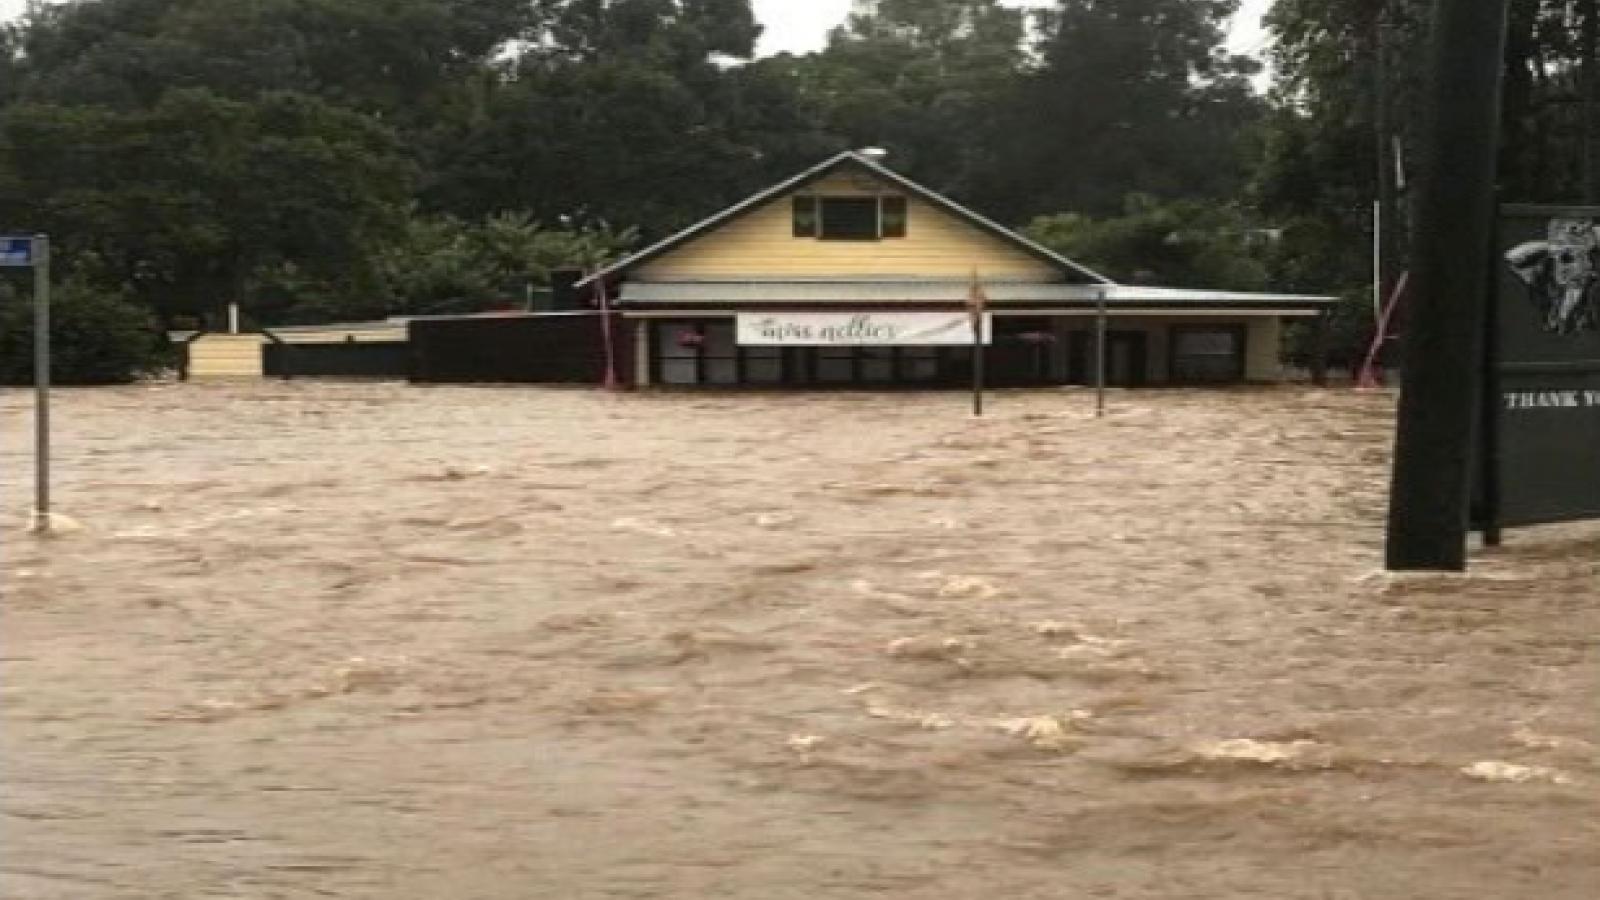 Mưa lớn gây ngập lụt nhiều nơi ở khu vực phía Đông của Australia